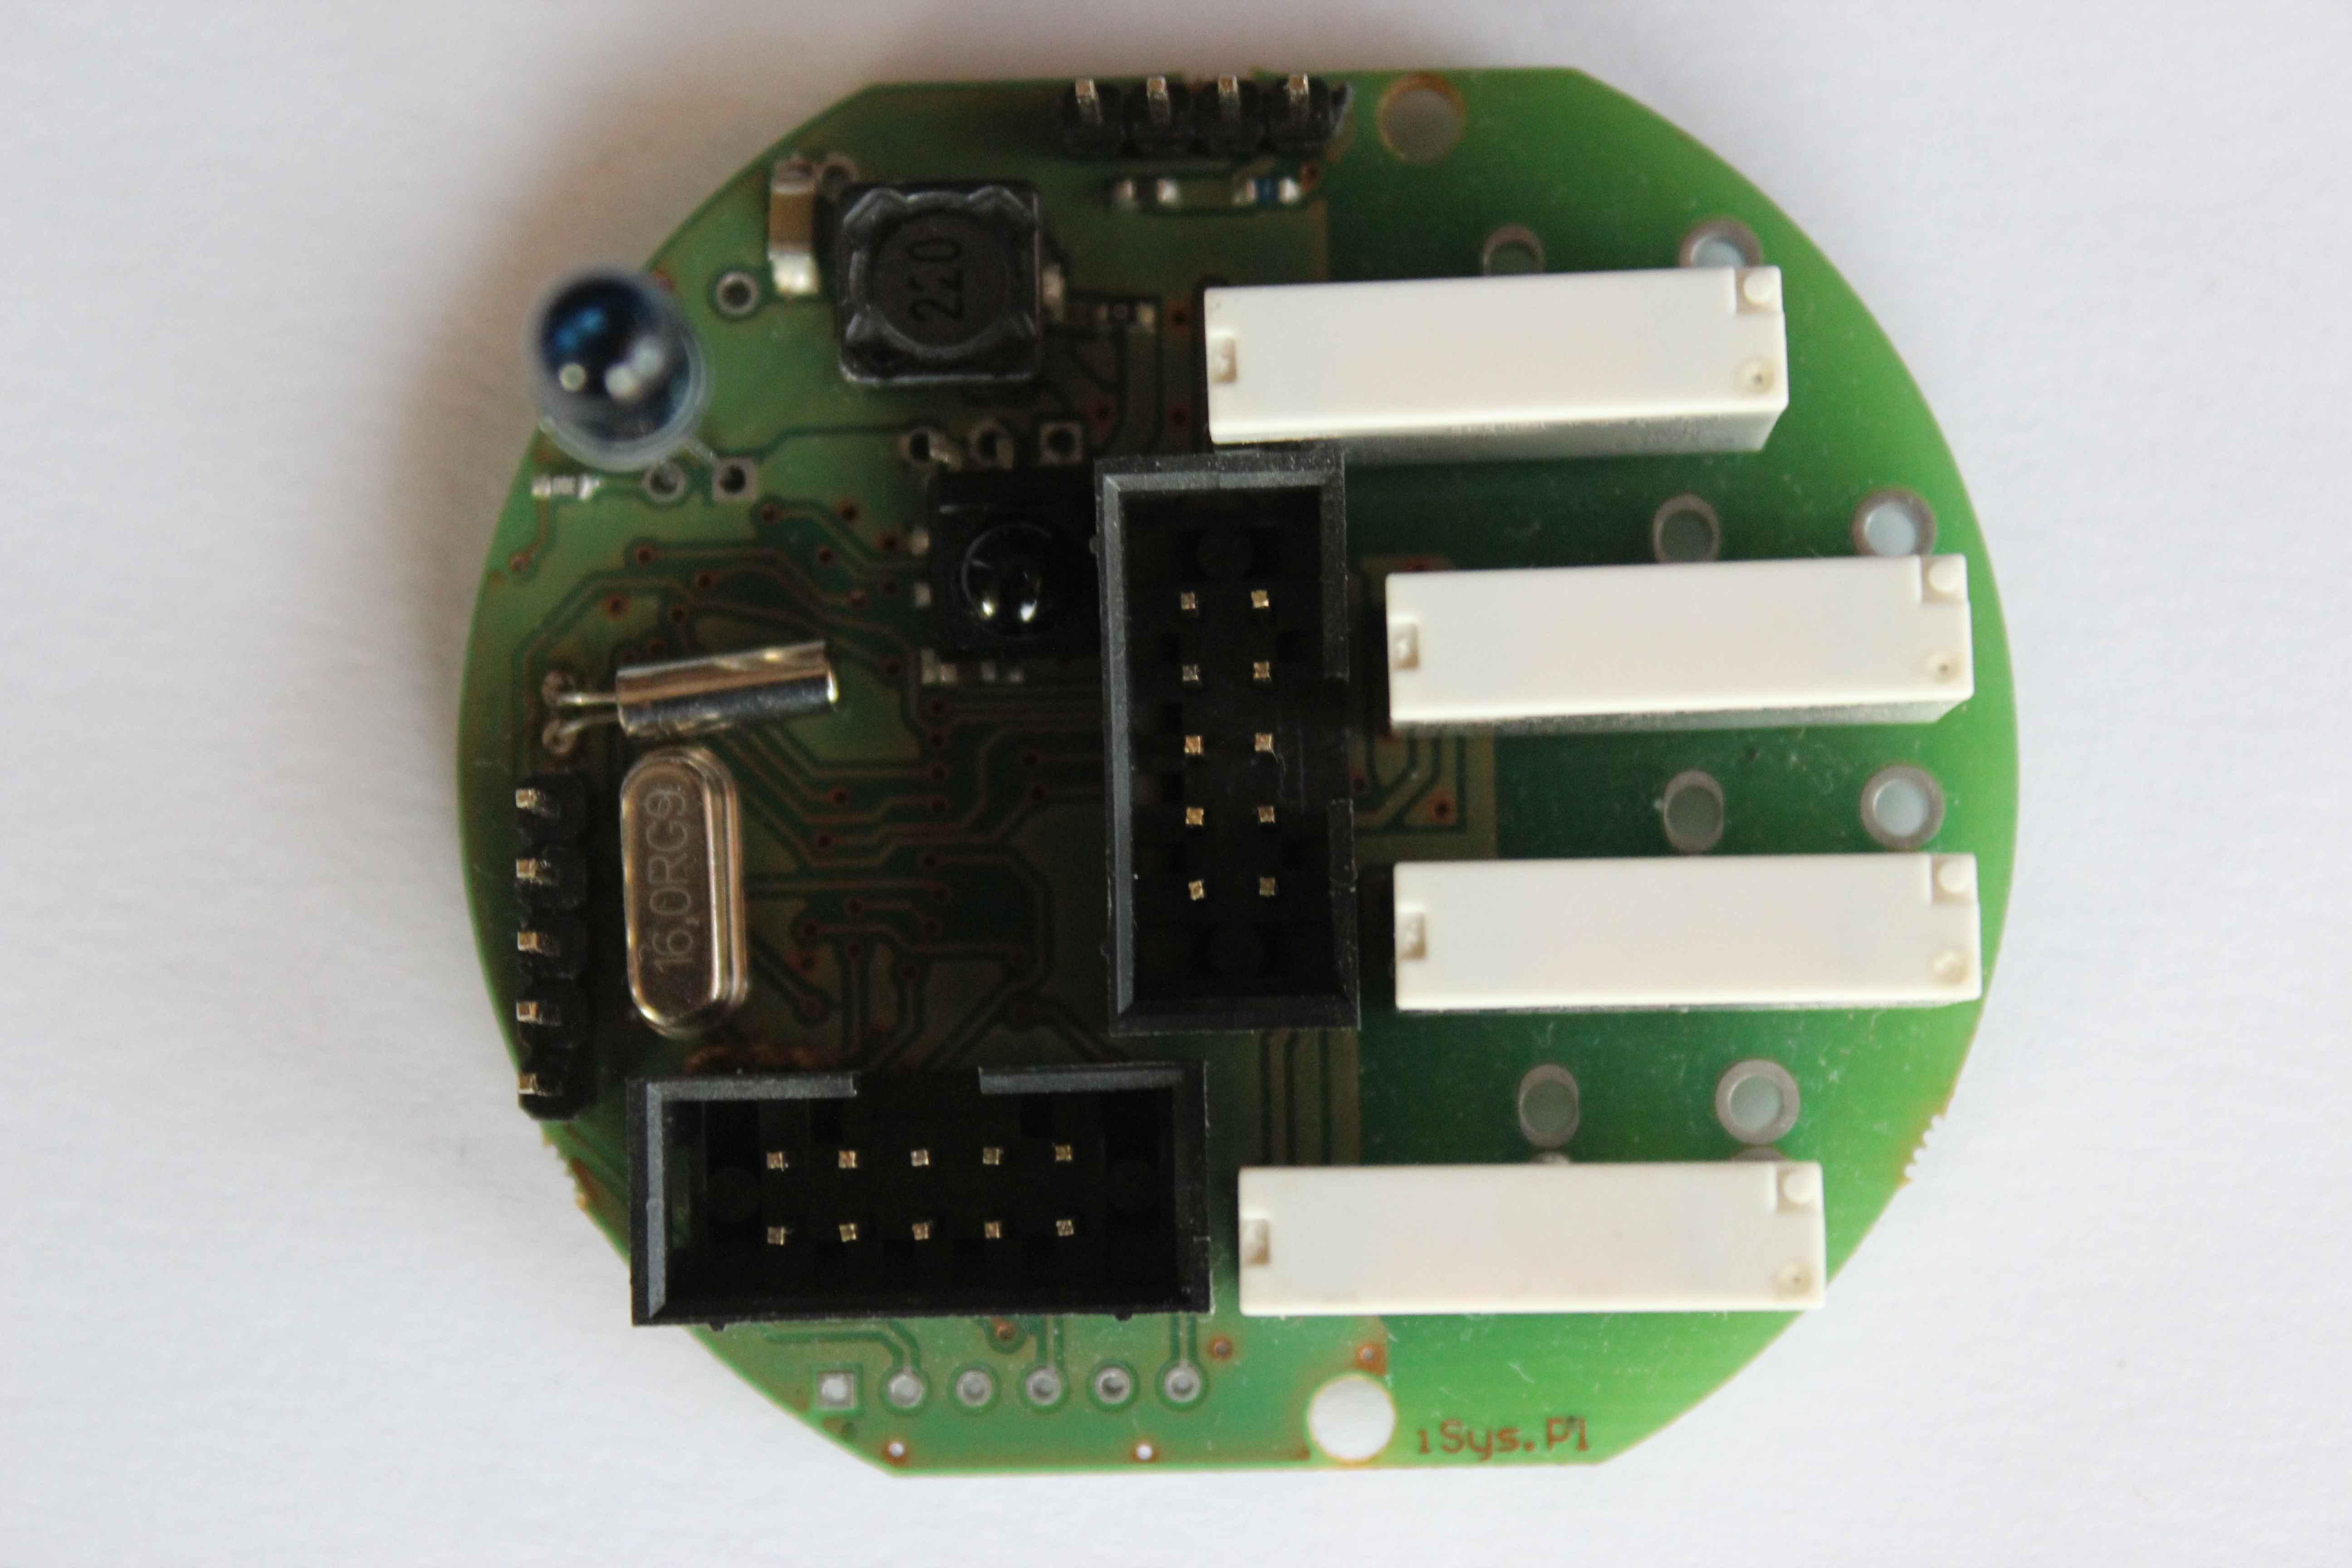 Inteligentny Dom eHouse4CAN pojedynczy sterownik mikroprocesorowy